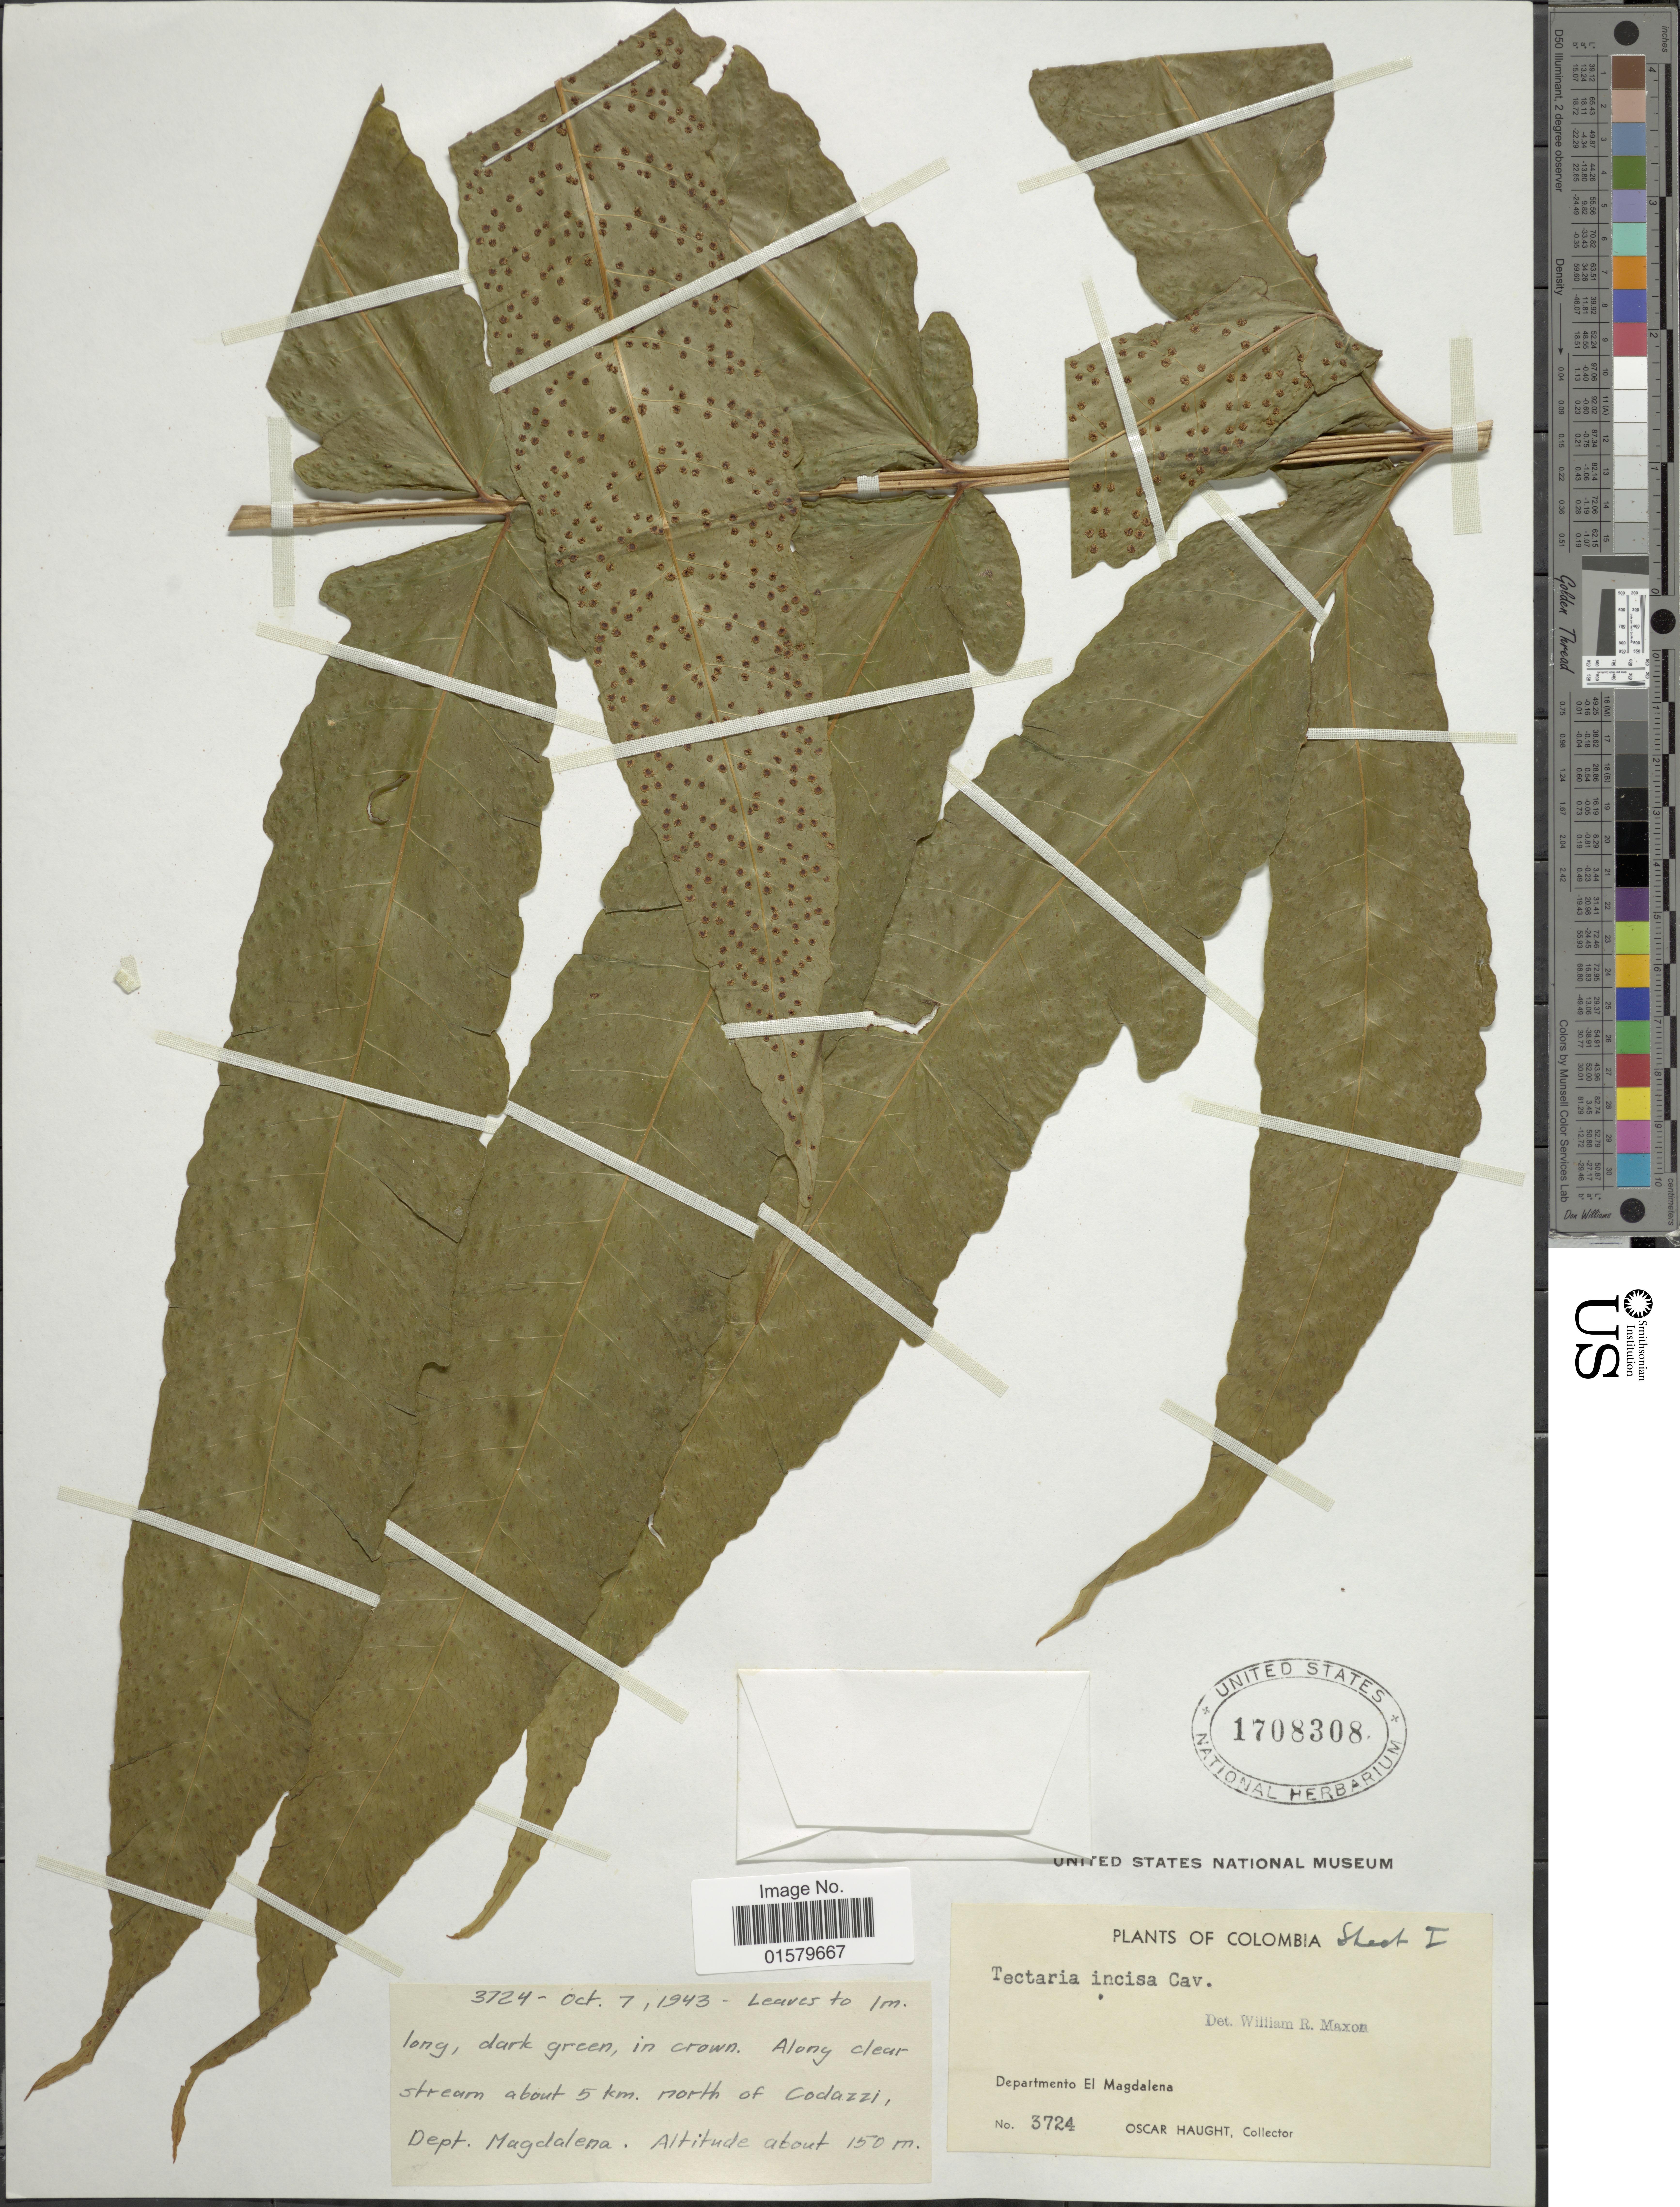 Image of incised halberd fern